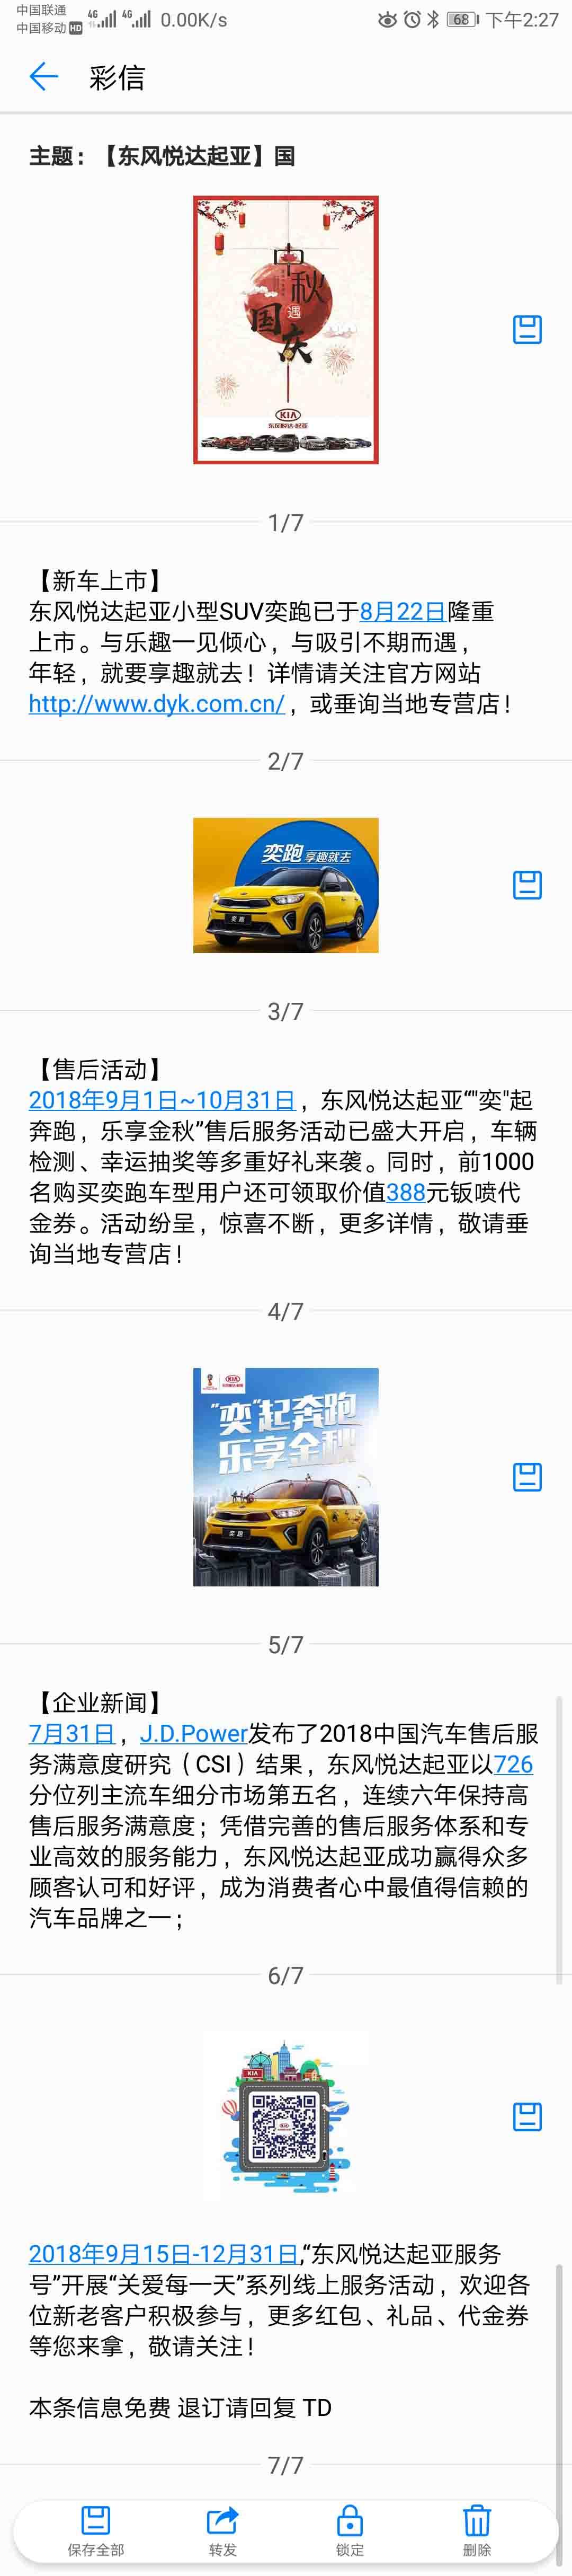 东风悦达起亚新车上市群发彩信案例